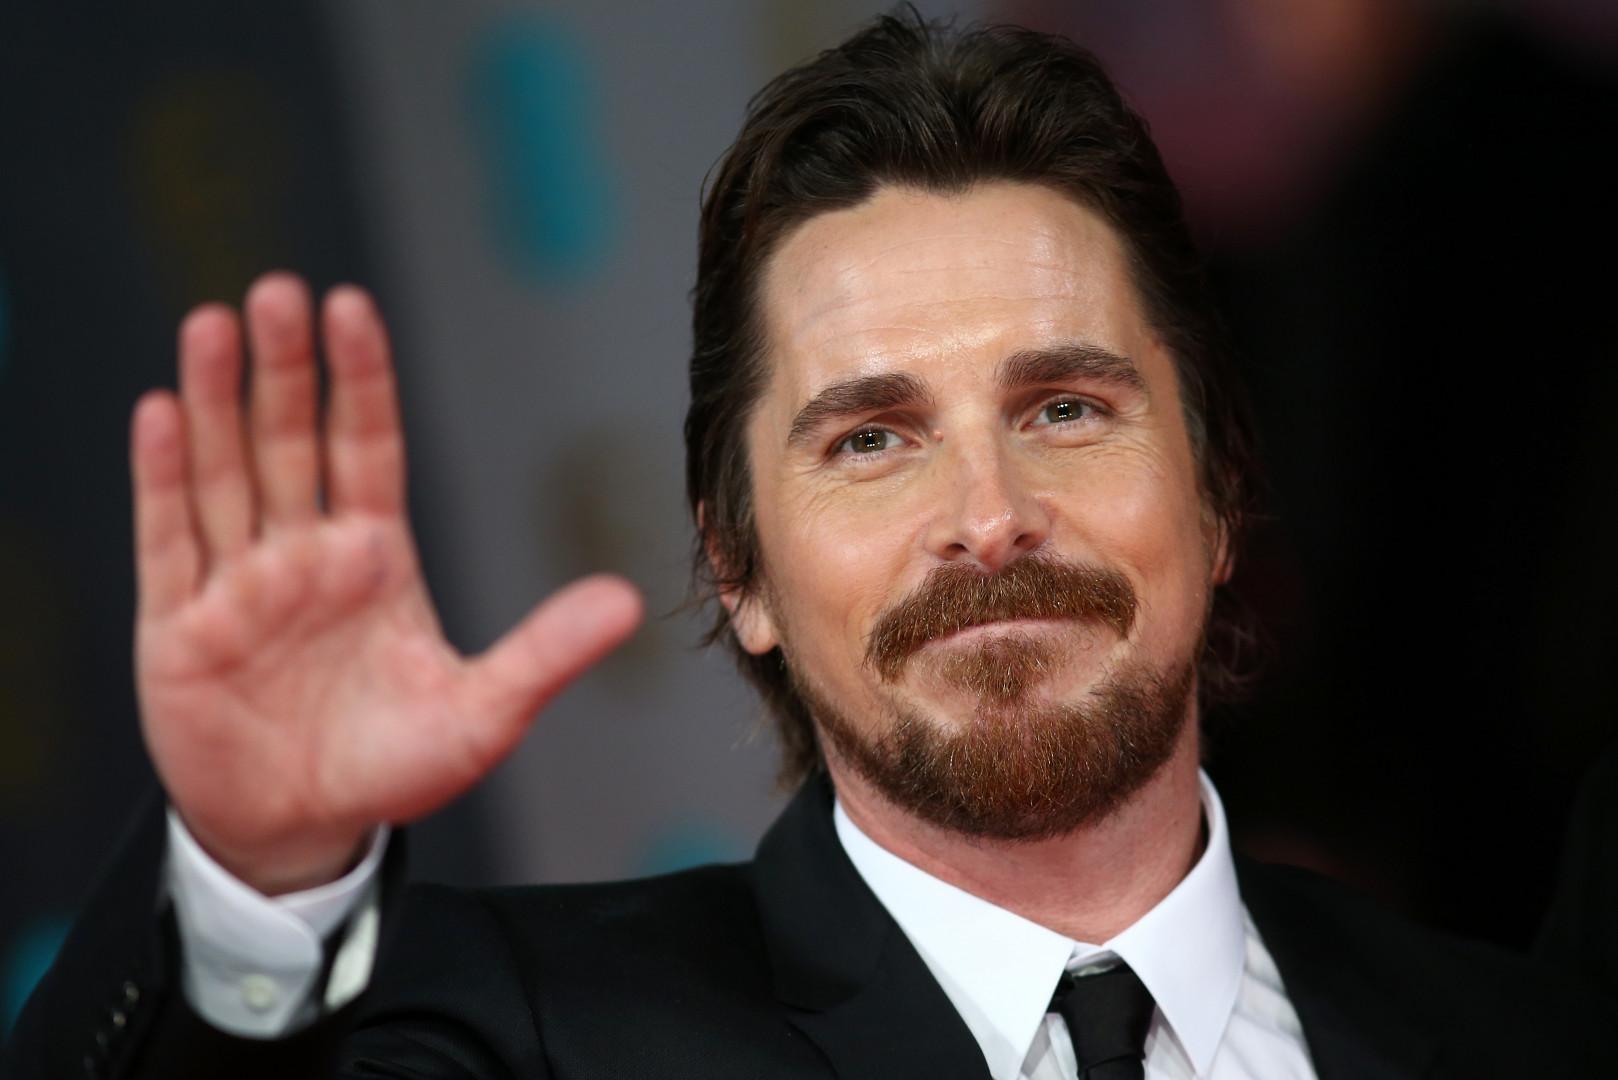 L'ancien interprète de Batman, Christian Bale, renonce au rôle de Steve Jobs